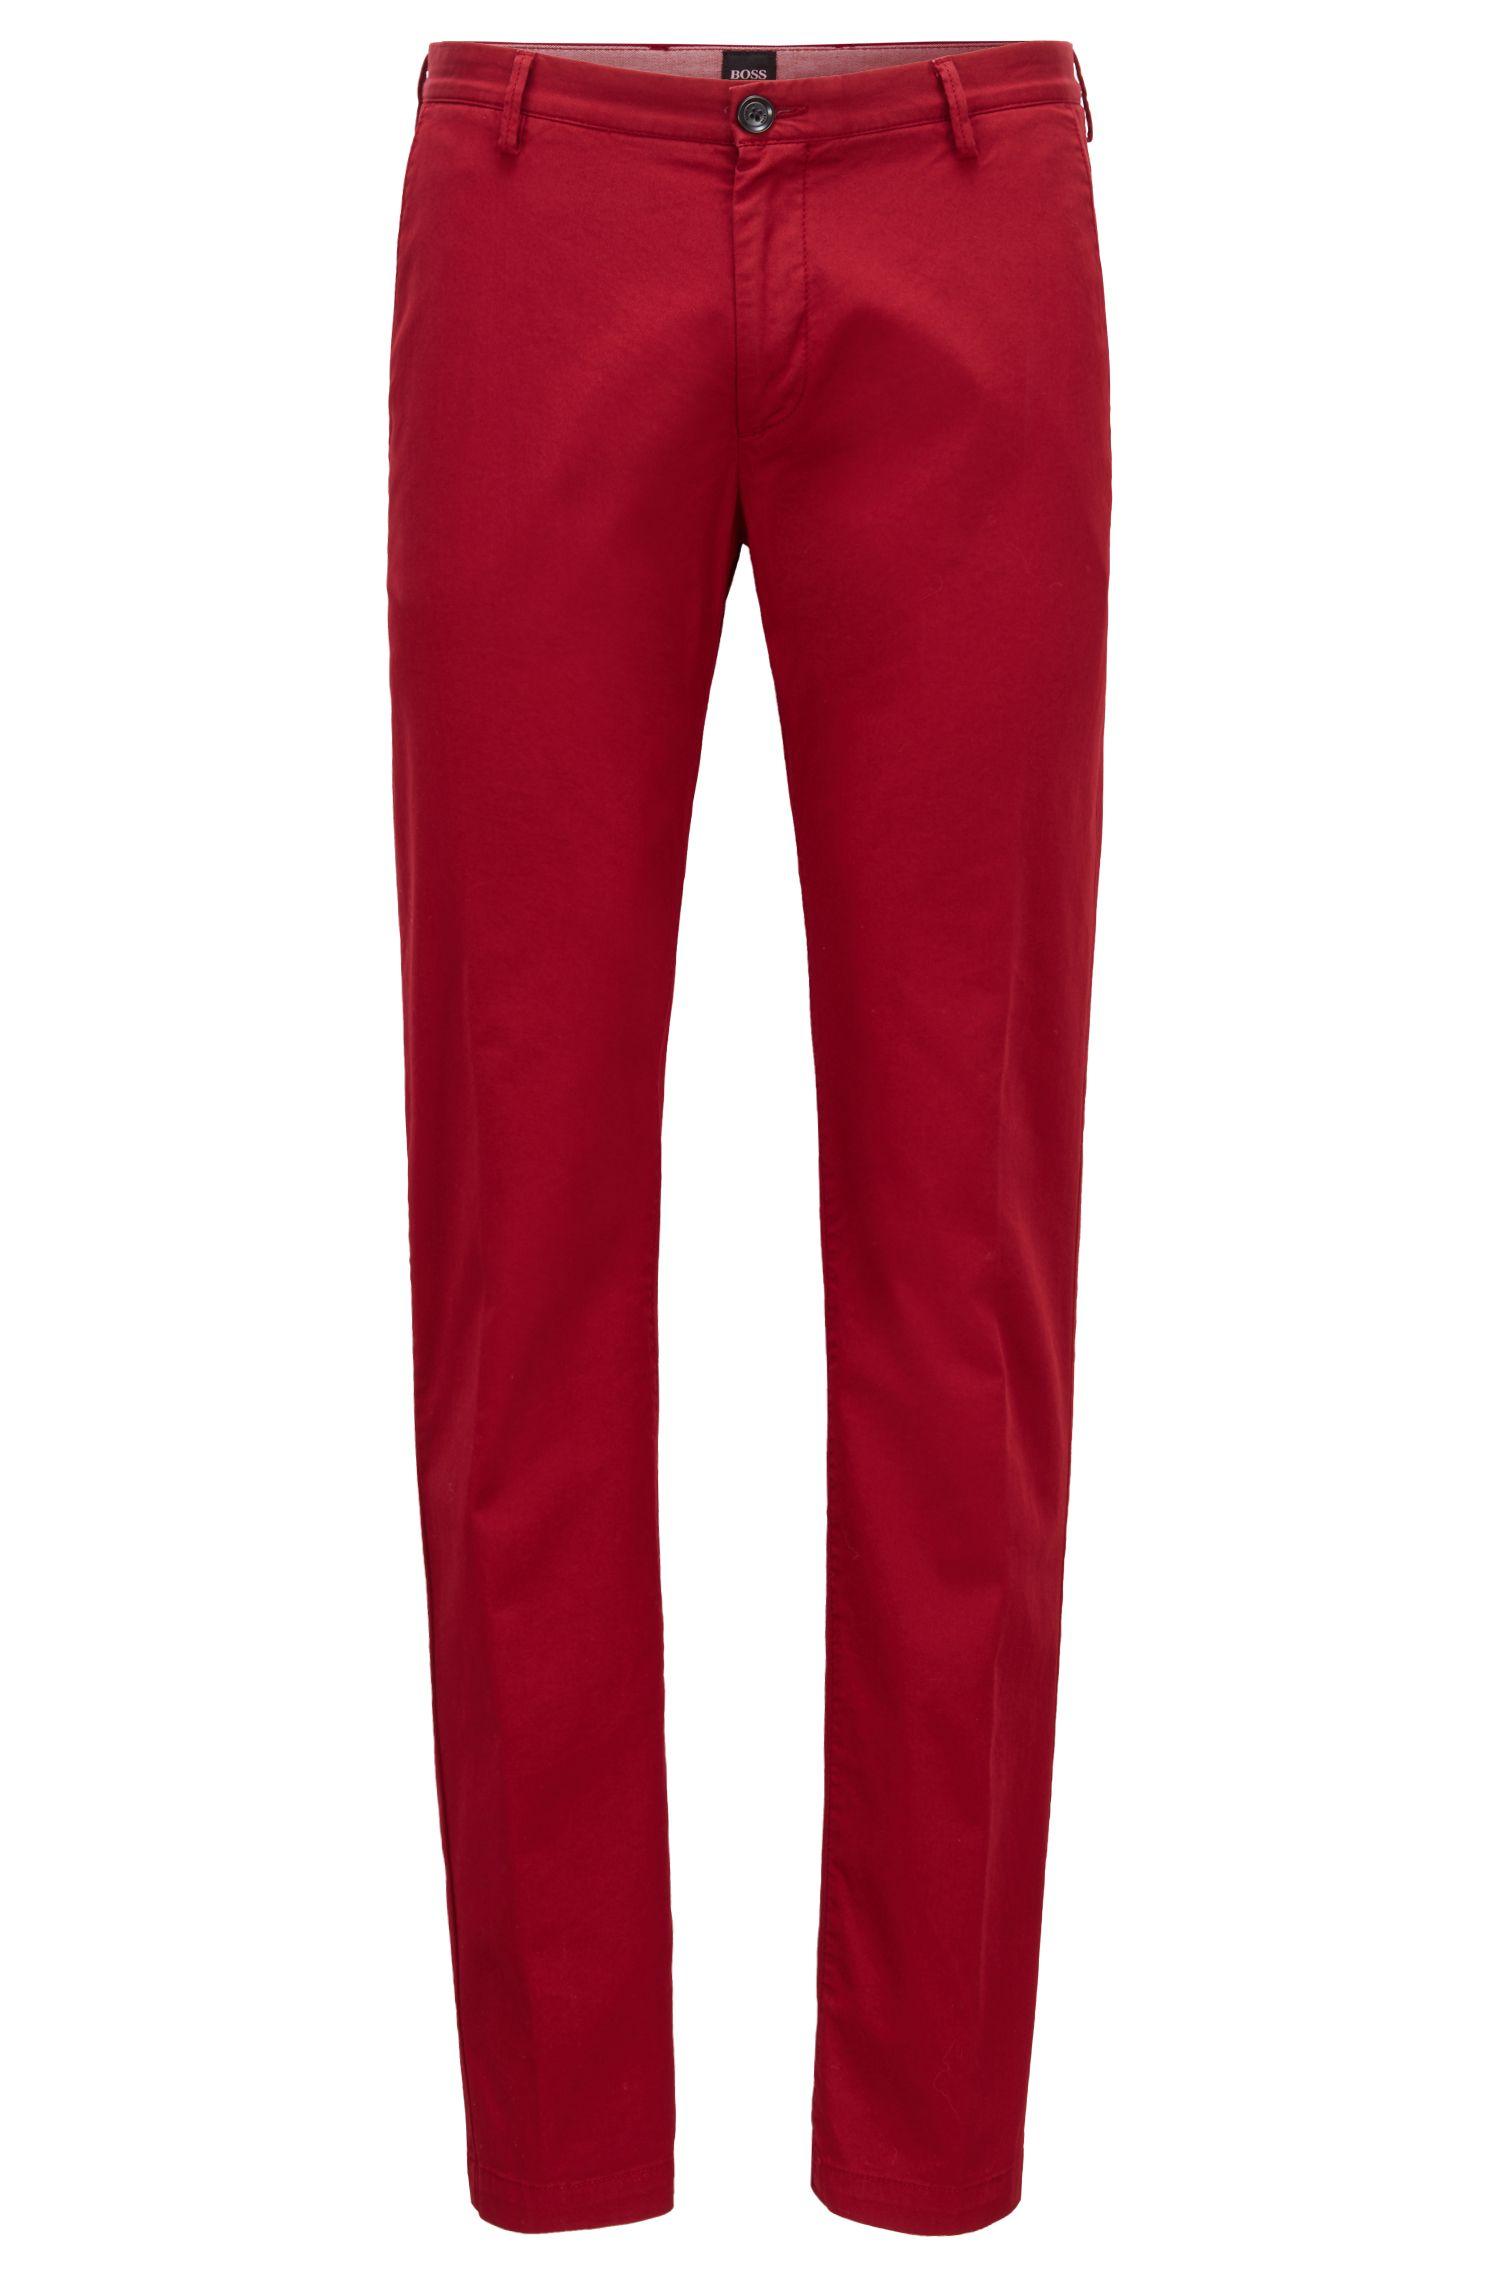 Chinos slim fit en tejido de gabardina de algodón elástico, Rojo oscuro